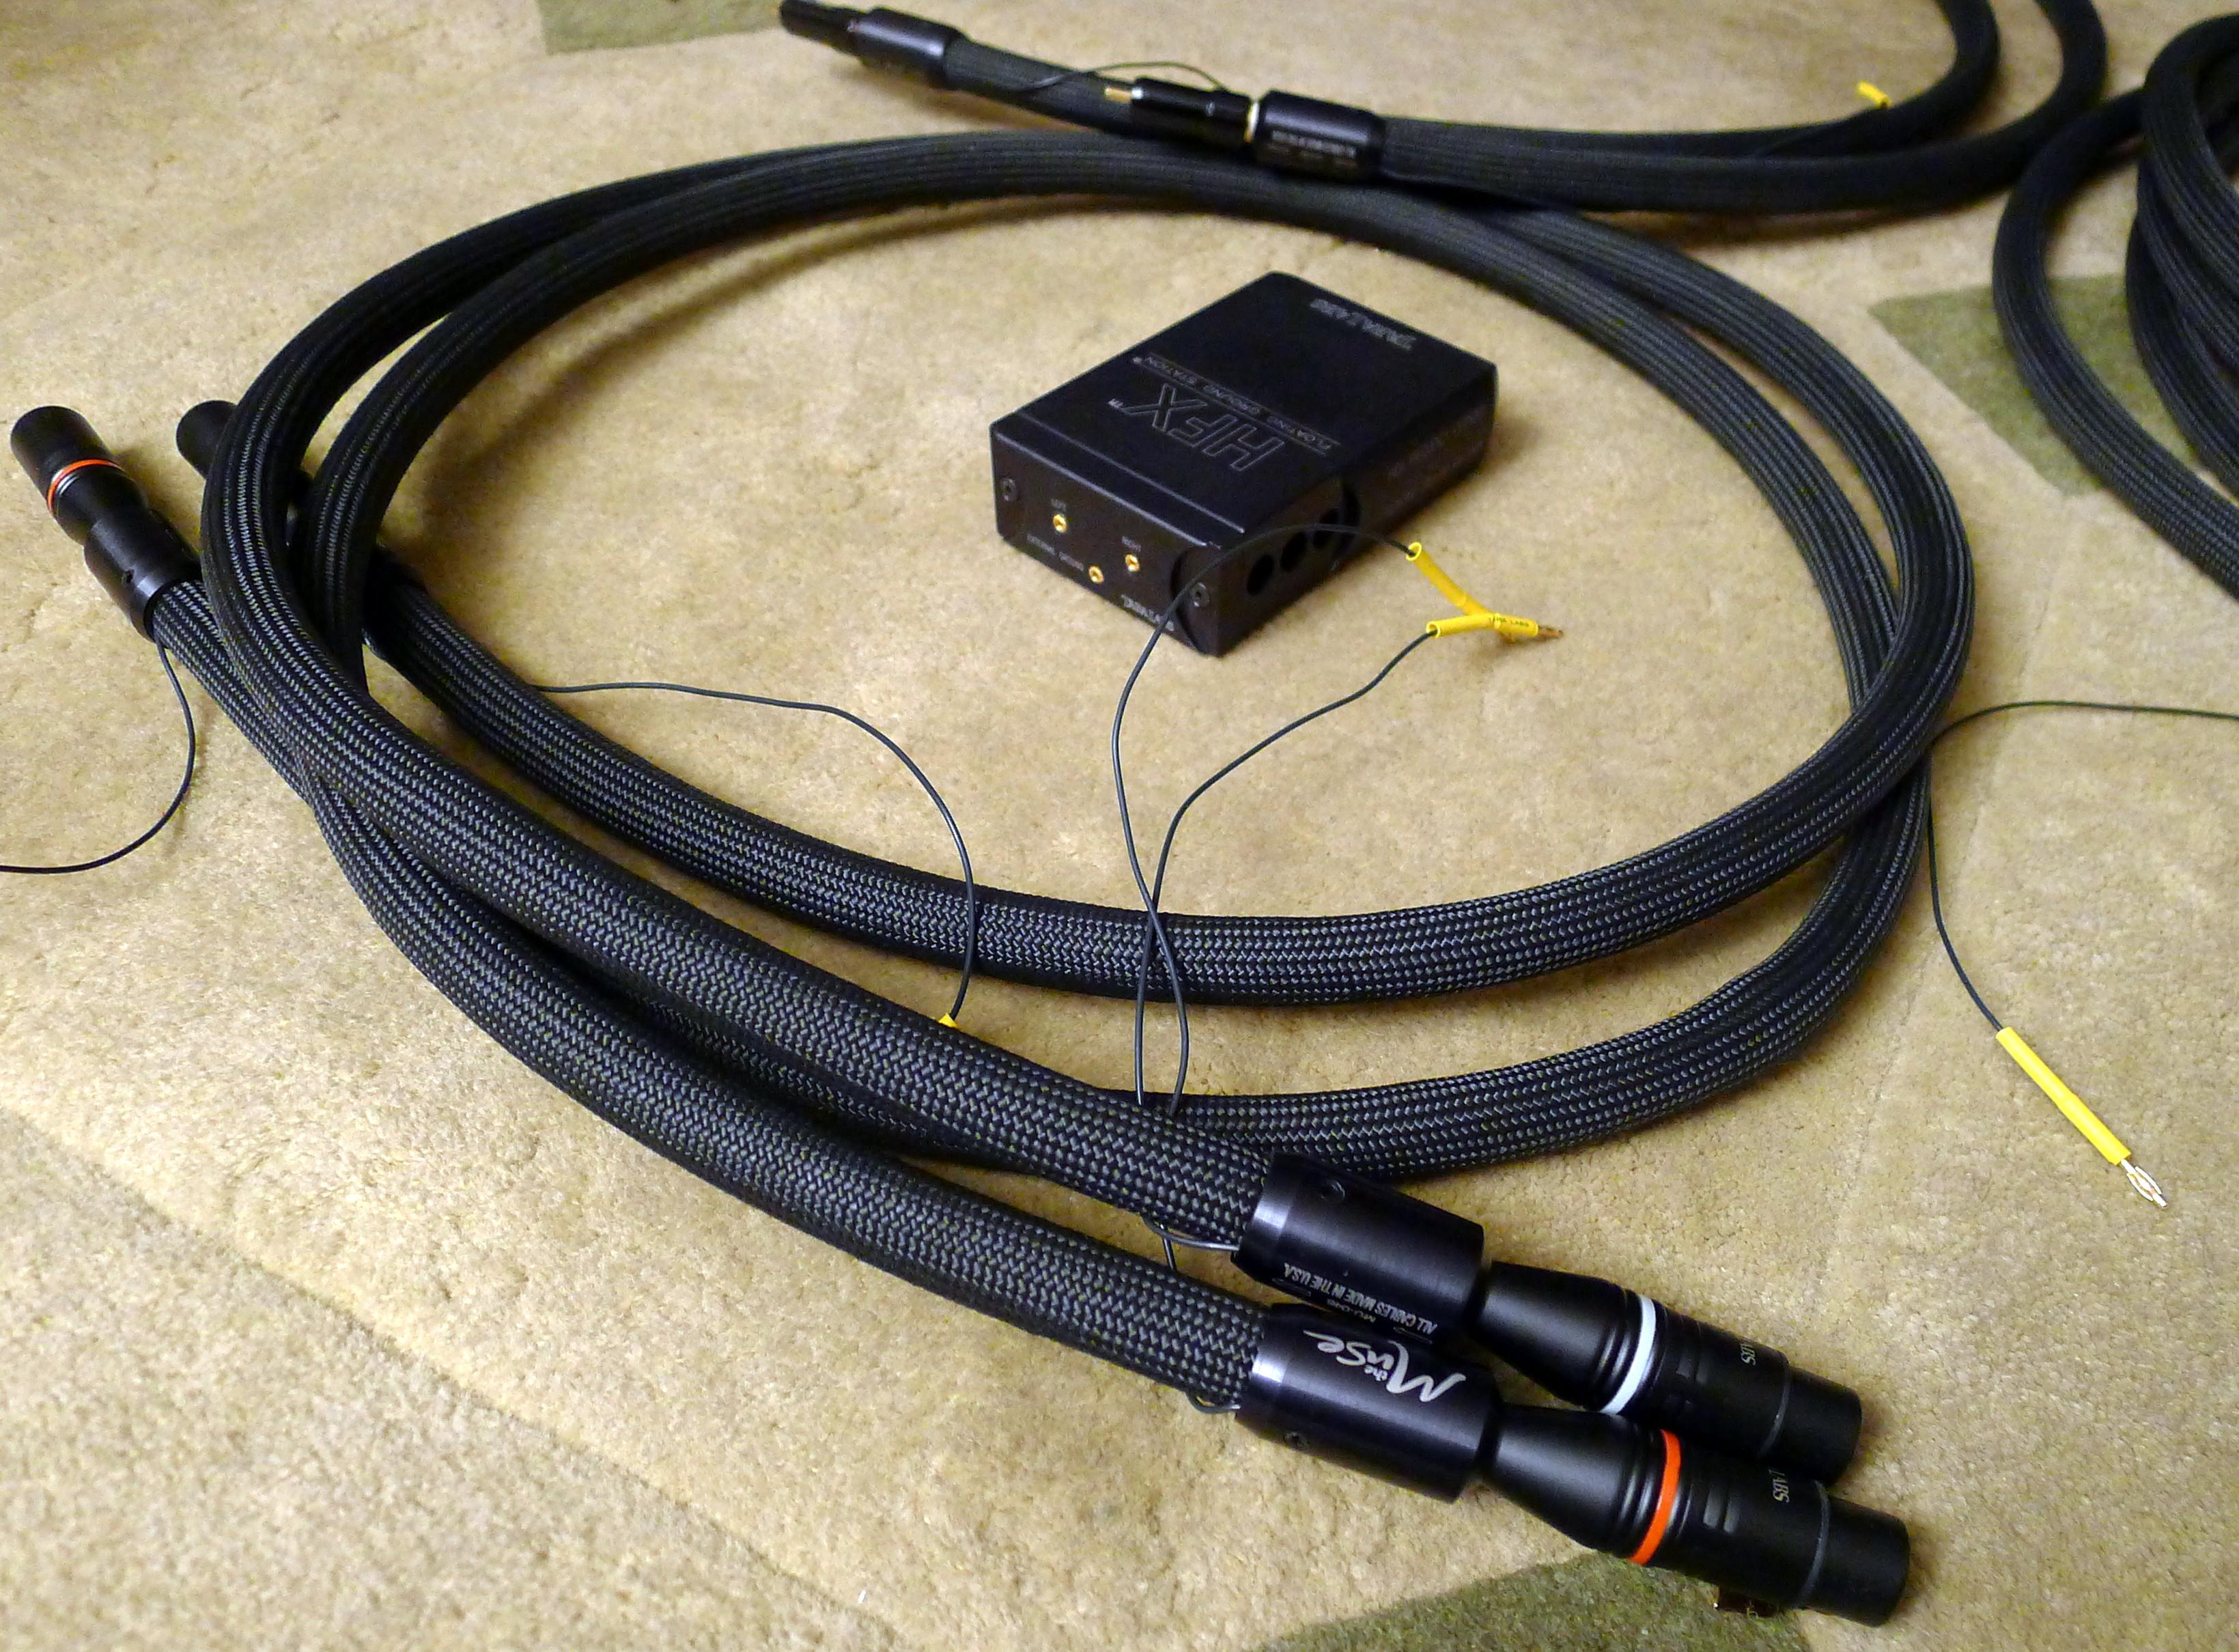 tara labs muse cables